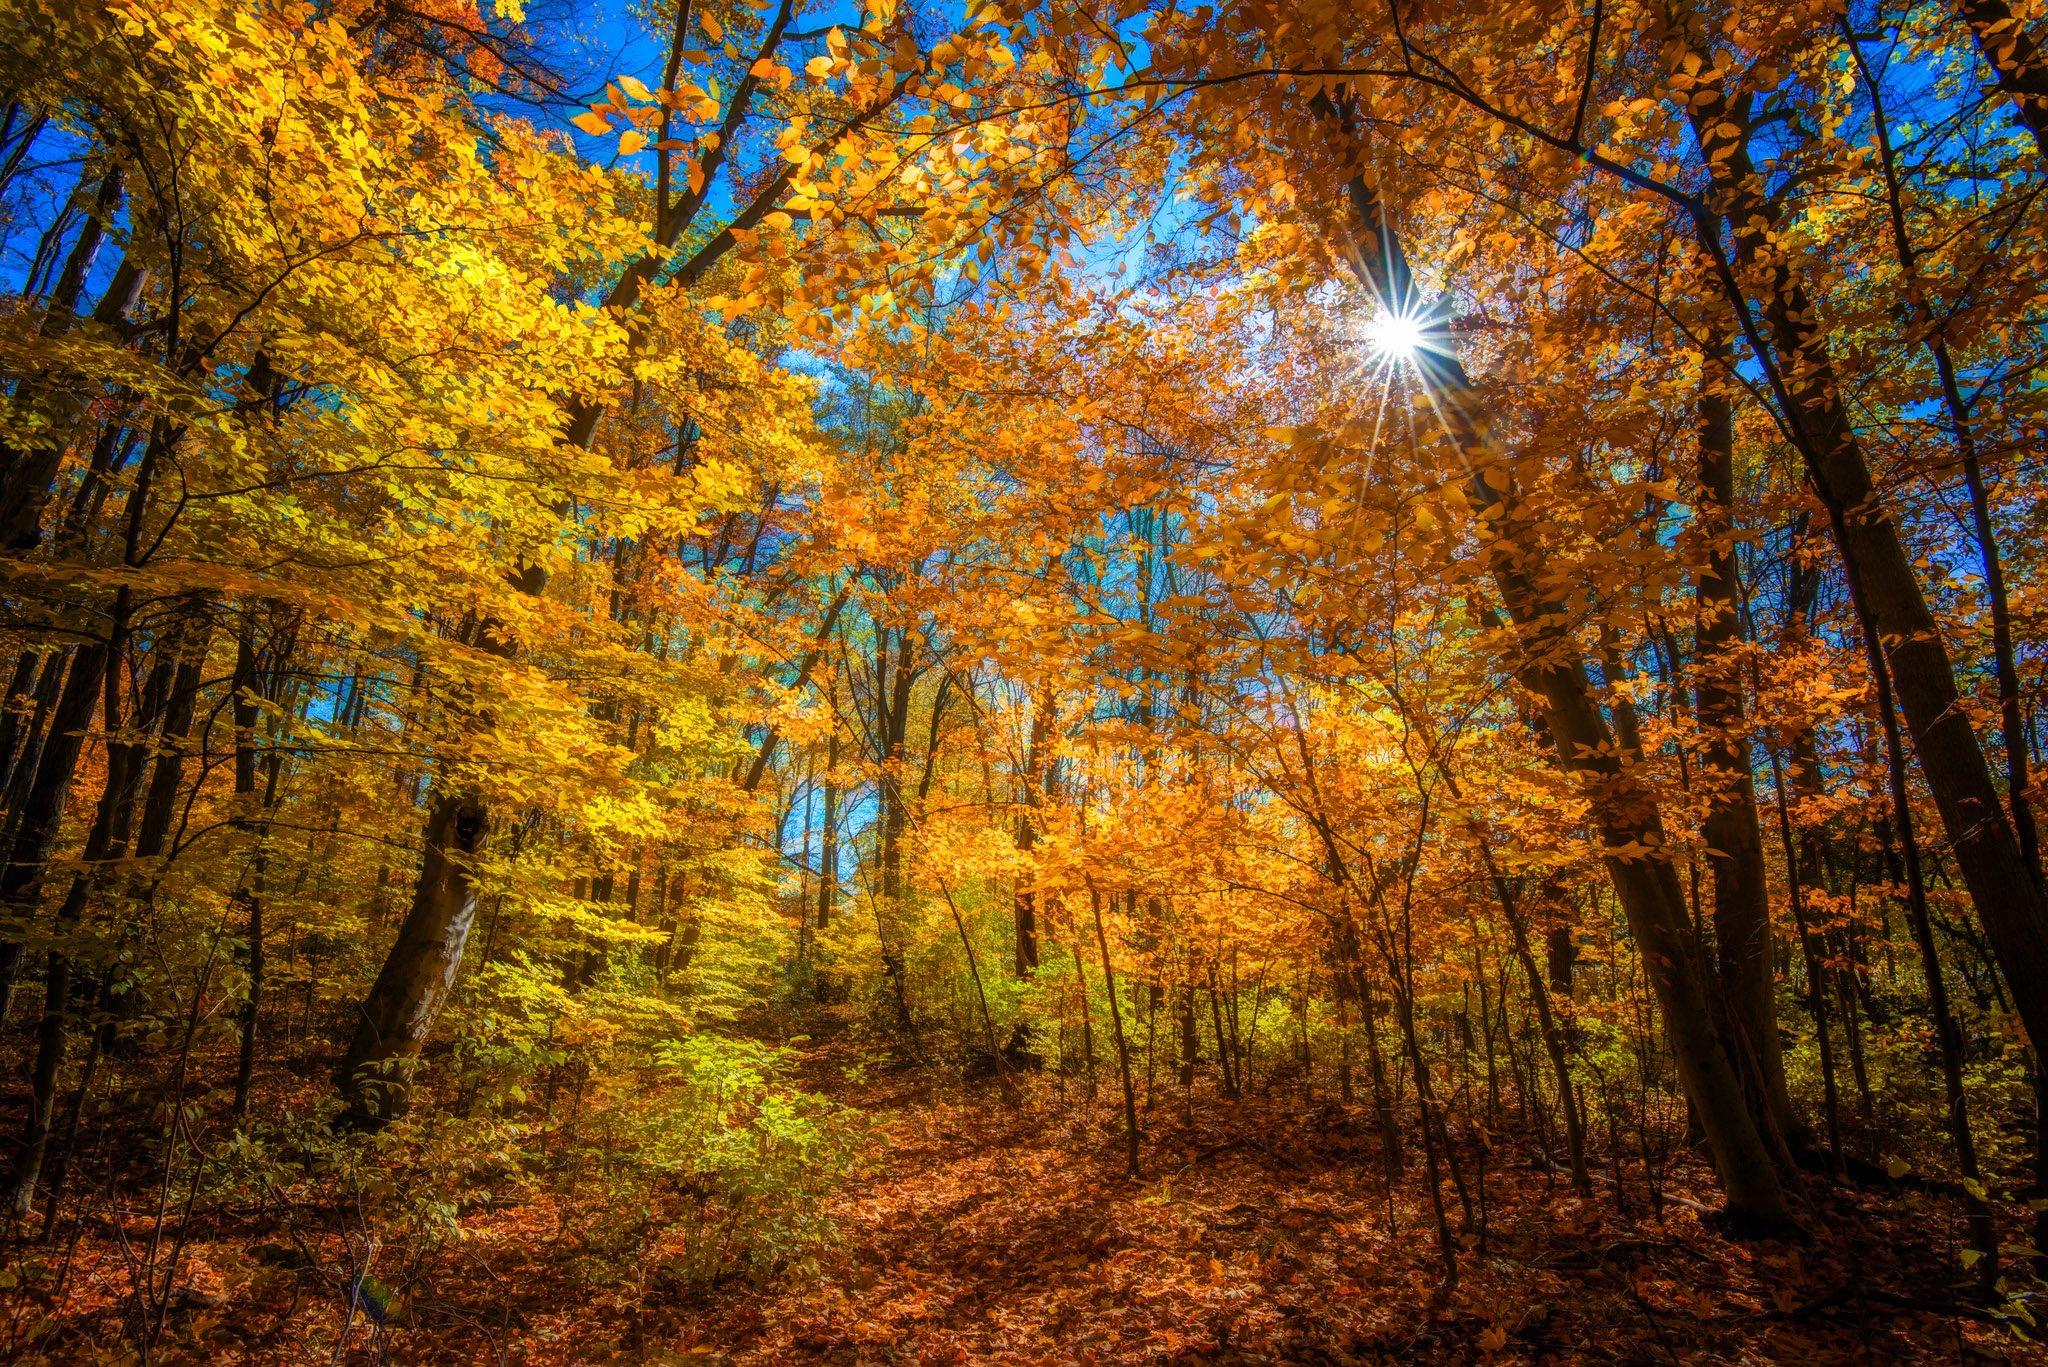 Осень лучи деревья бесплатно